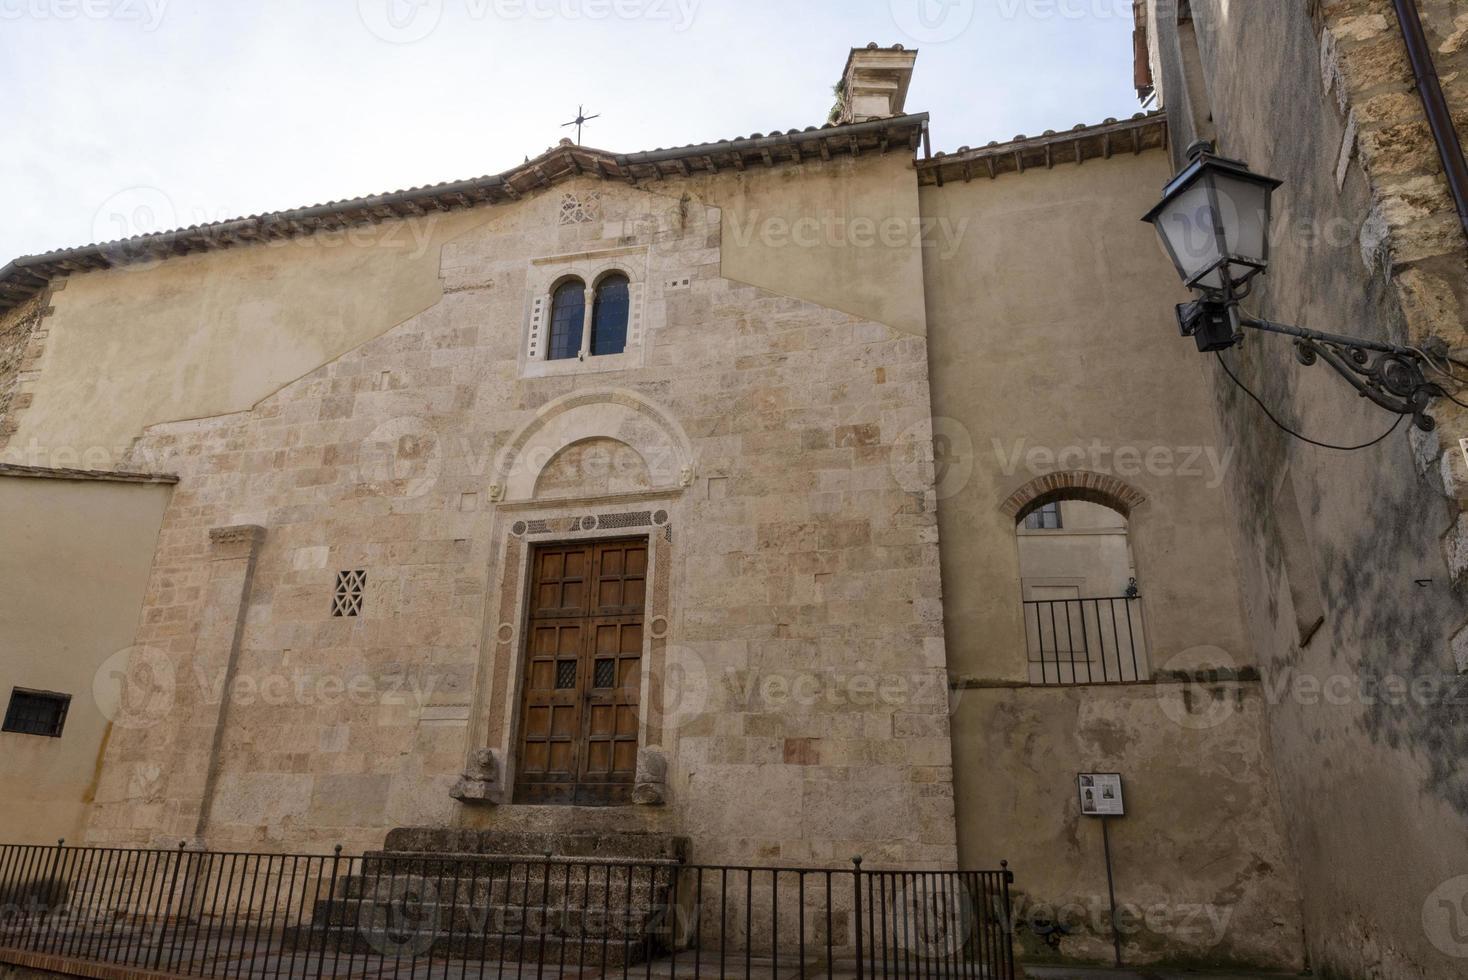 iglesia dentro de la ciudad de san gemini, italia, 2020 foto